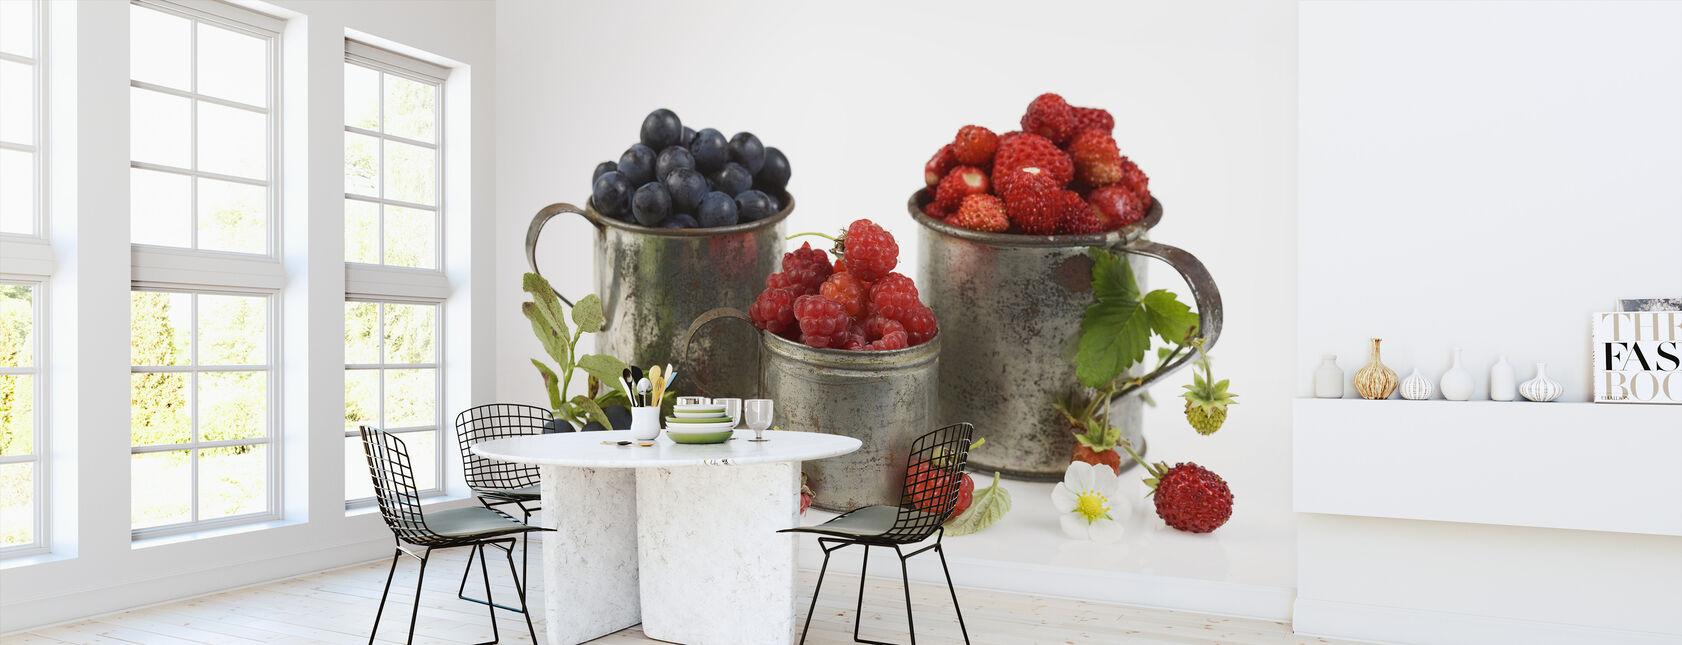 Blåbär Rasberries och jordgubbar - Tapet - Kök